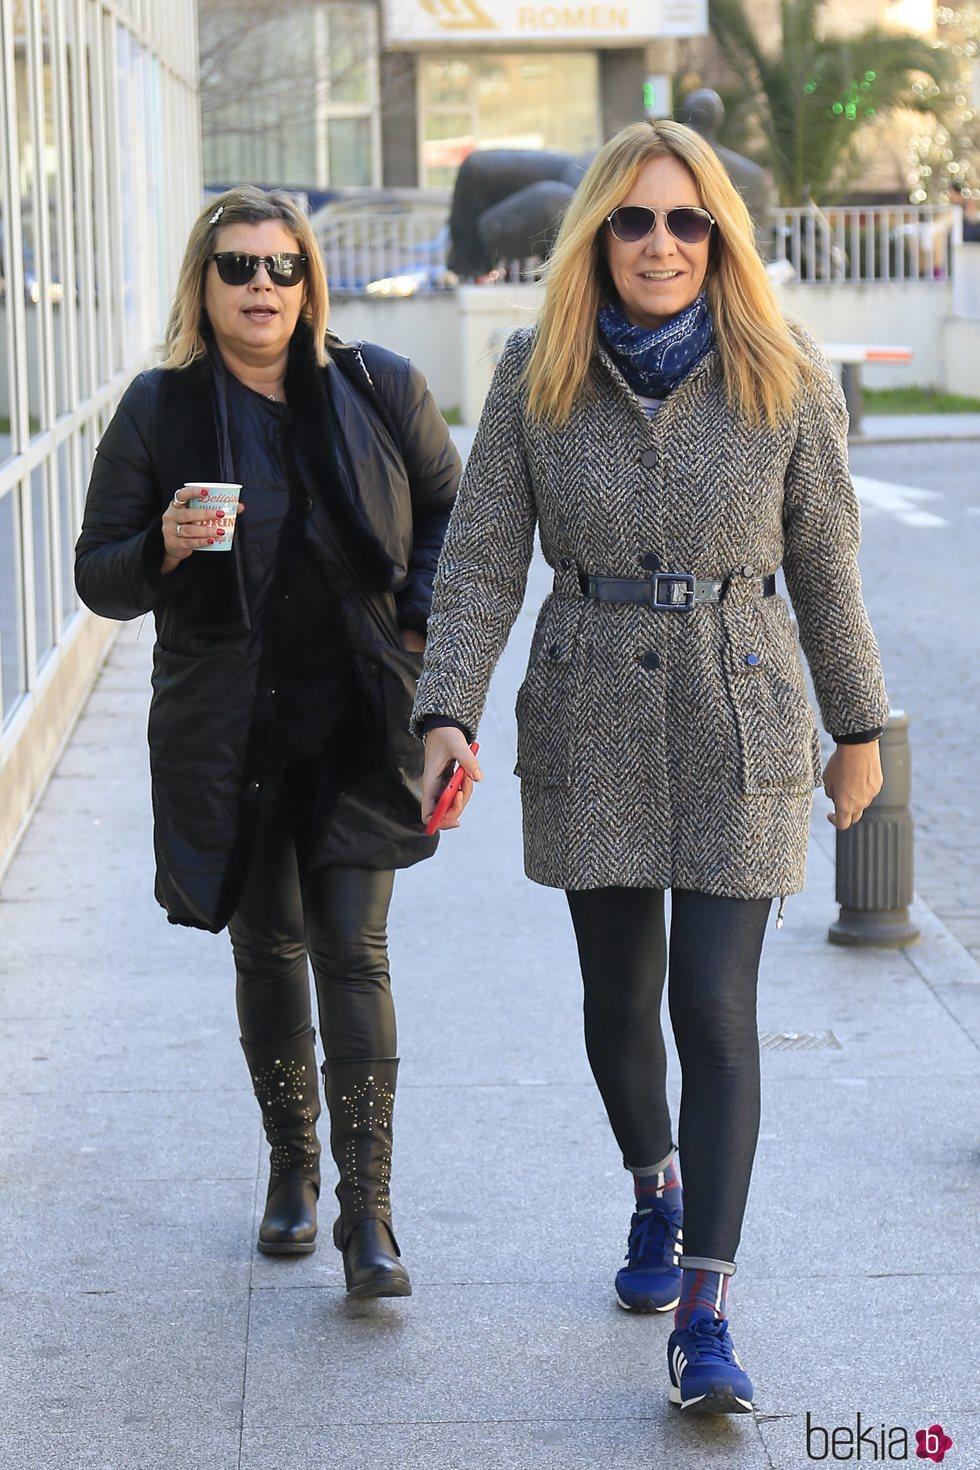 Terelu Campos y Belén Rodríguez paseando por la calle